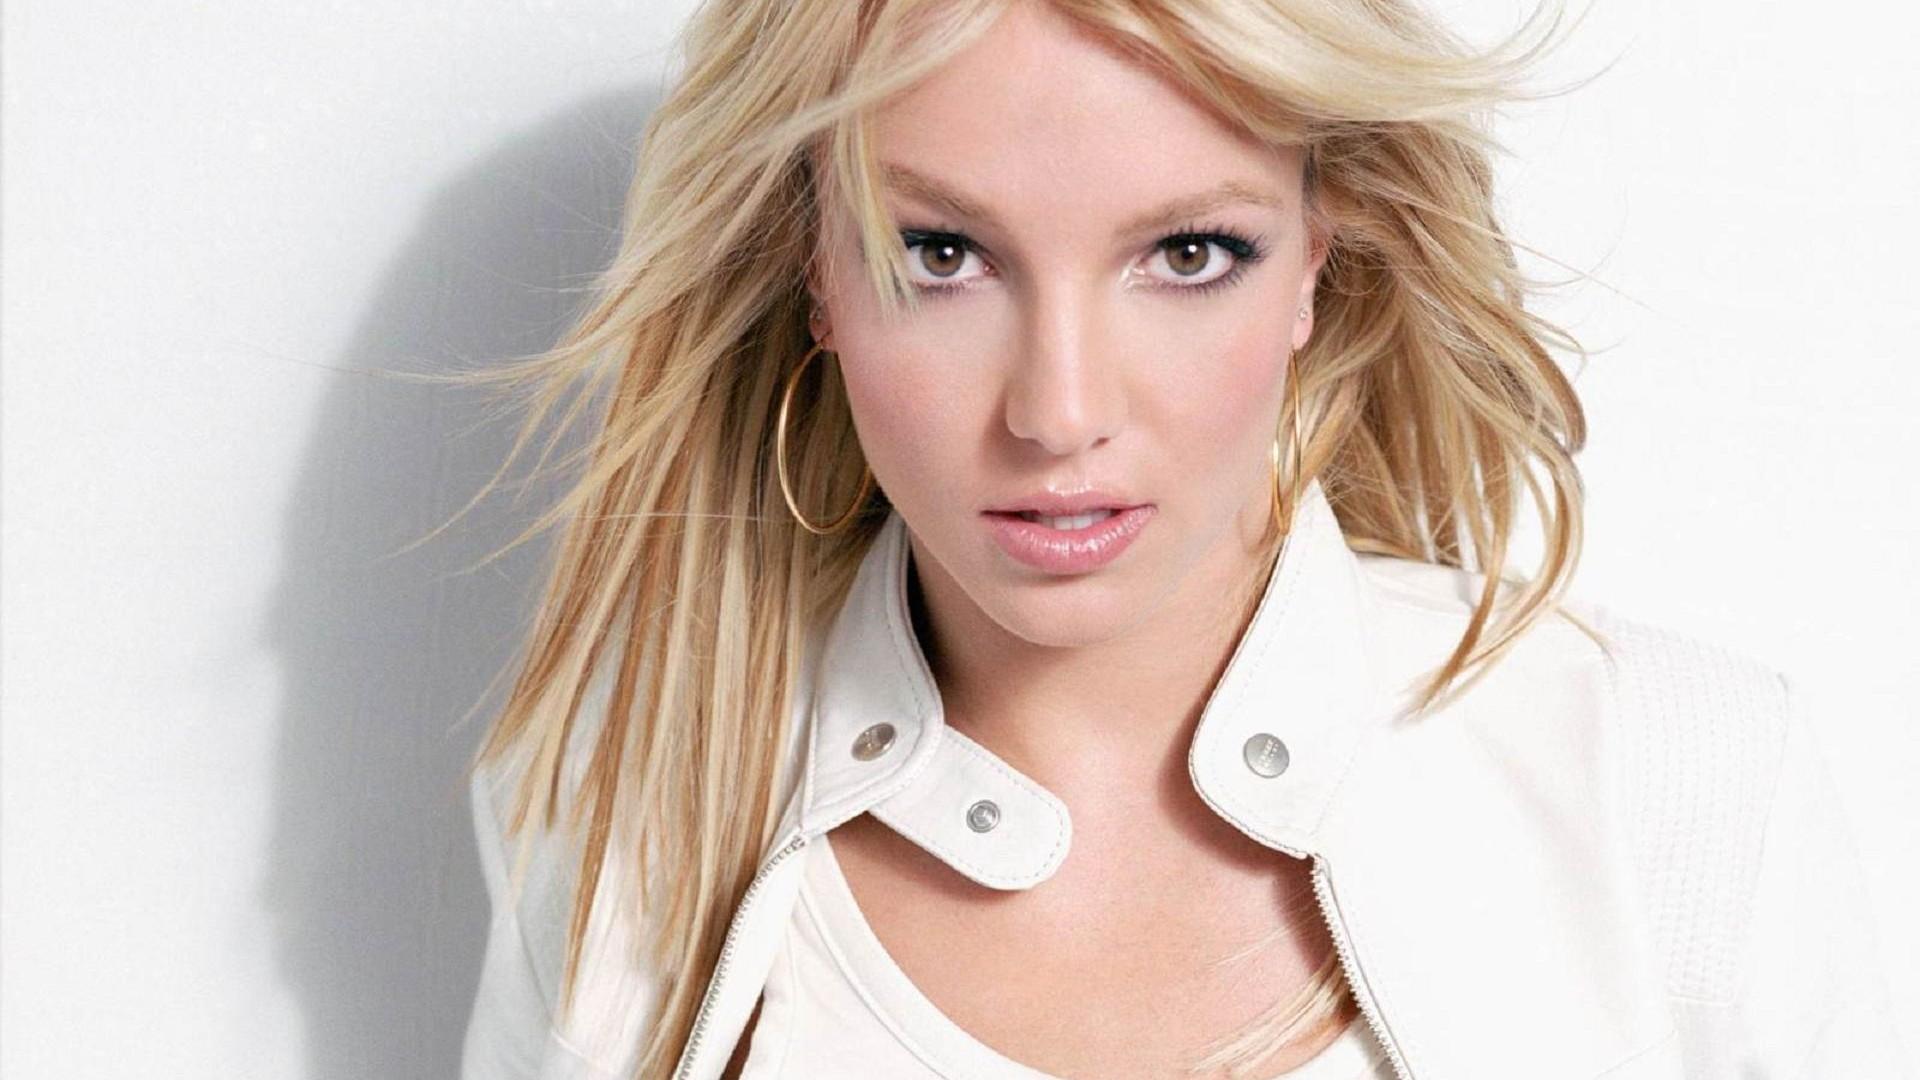 Britney Spears Femme Fatale Hd Desktop Wallpaper High